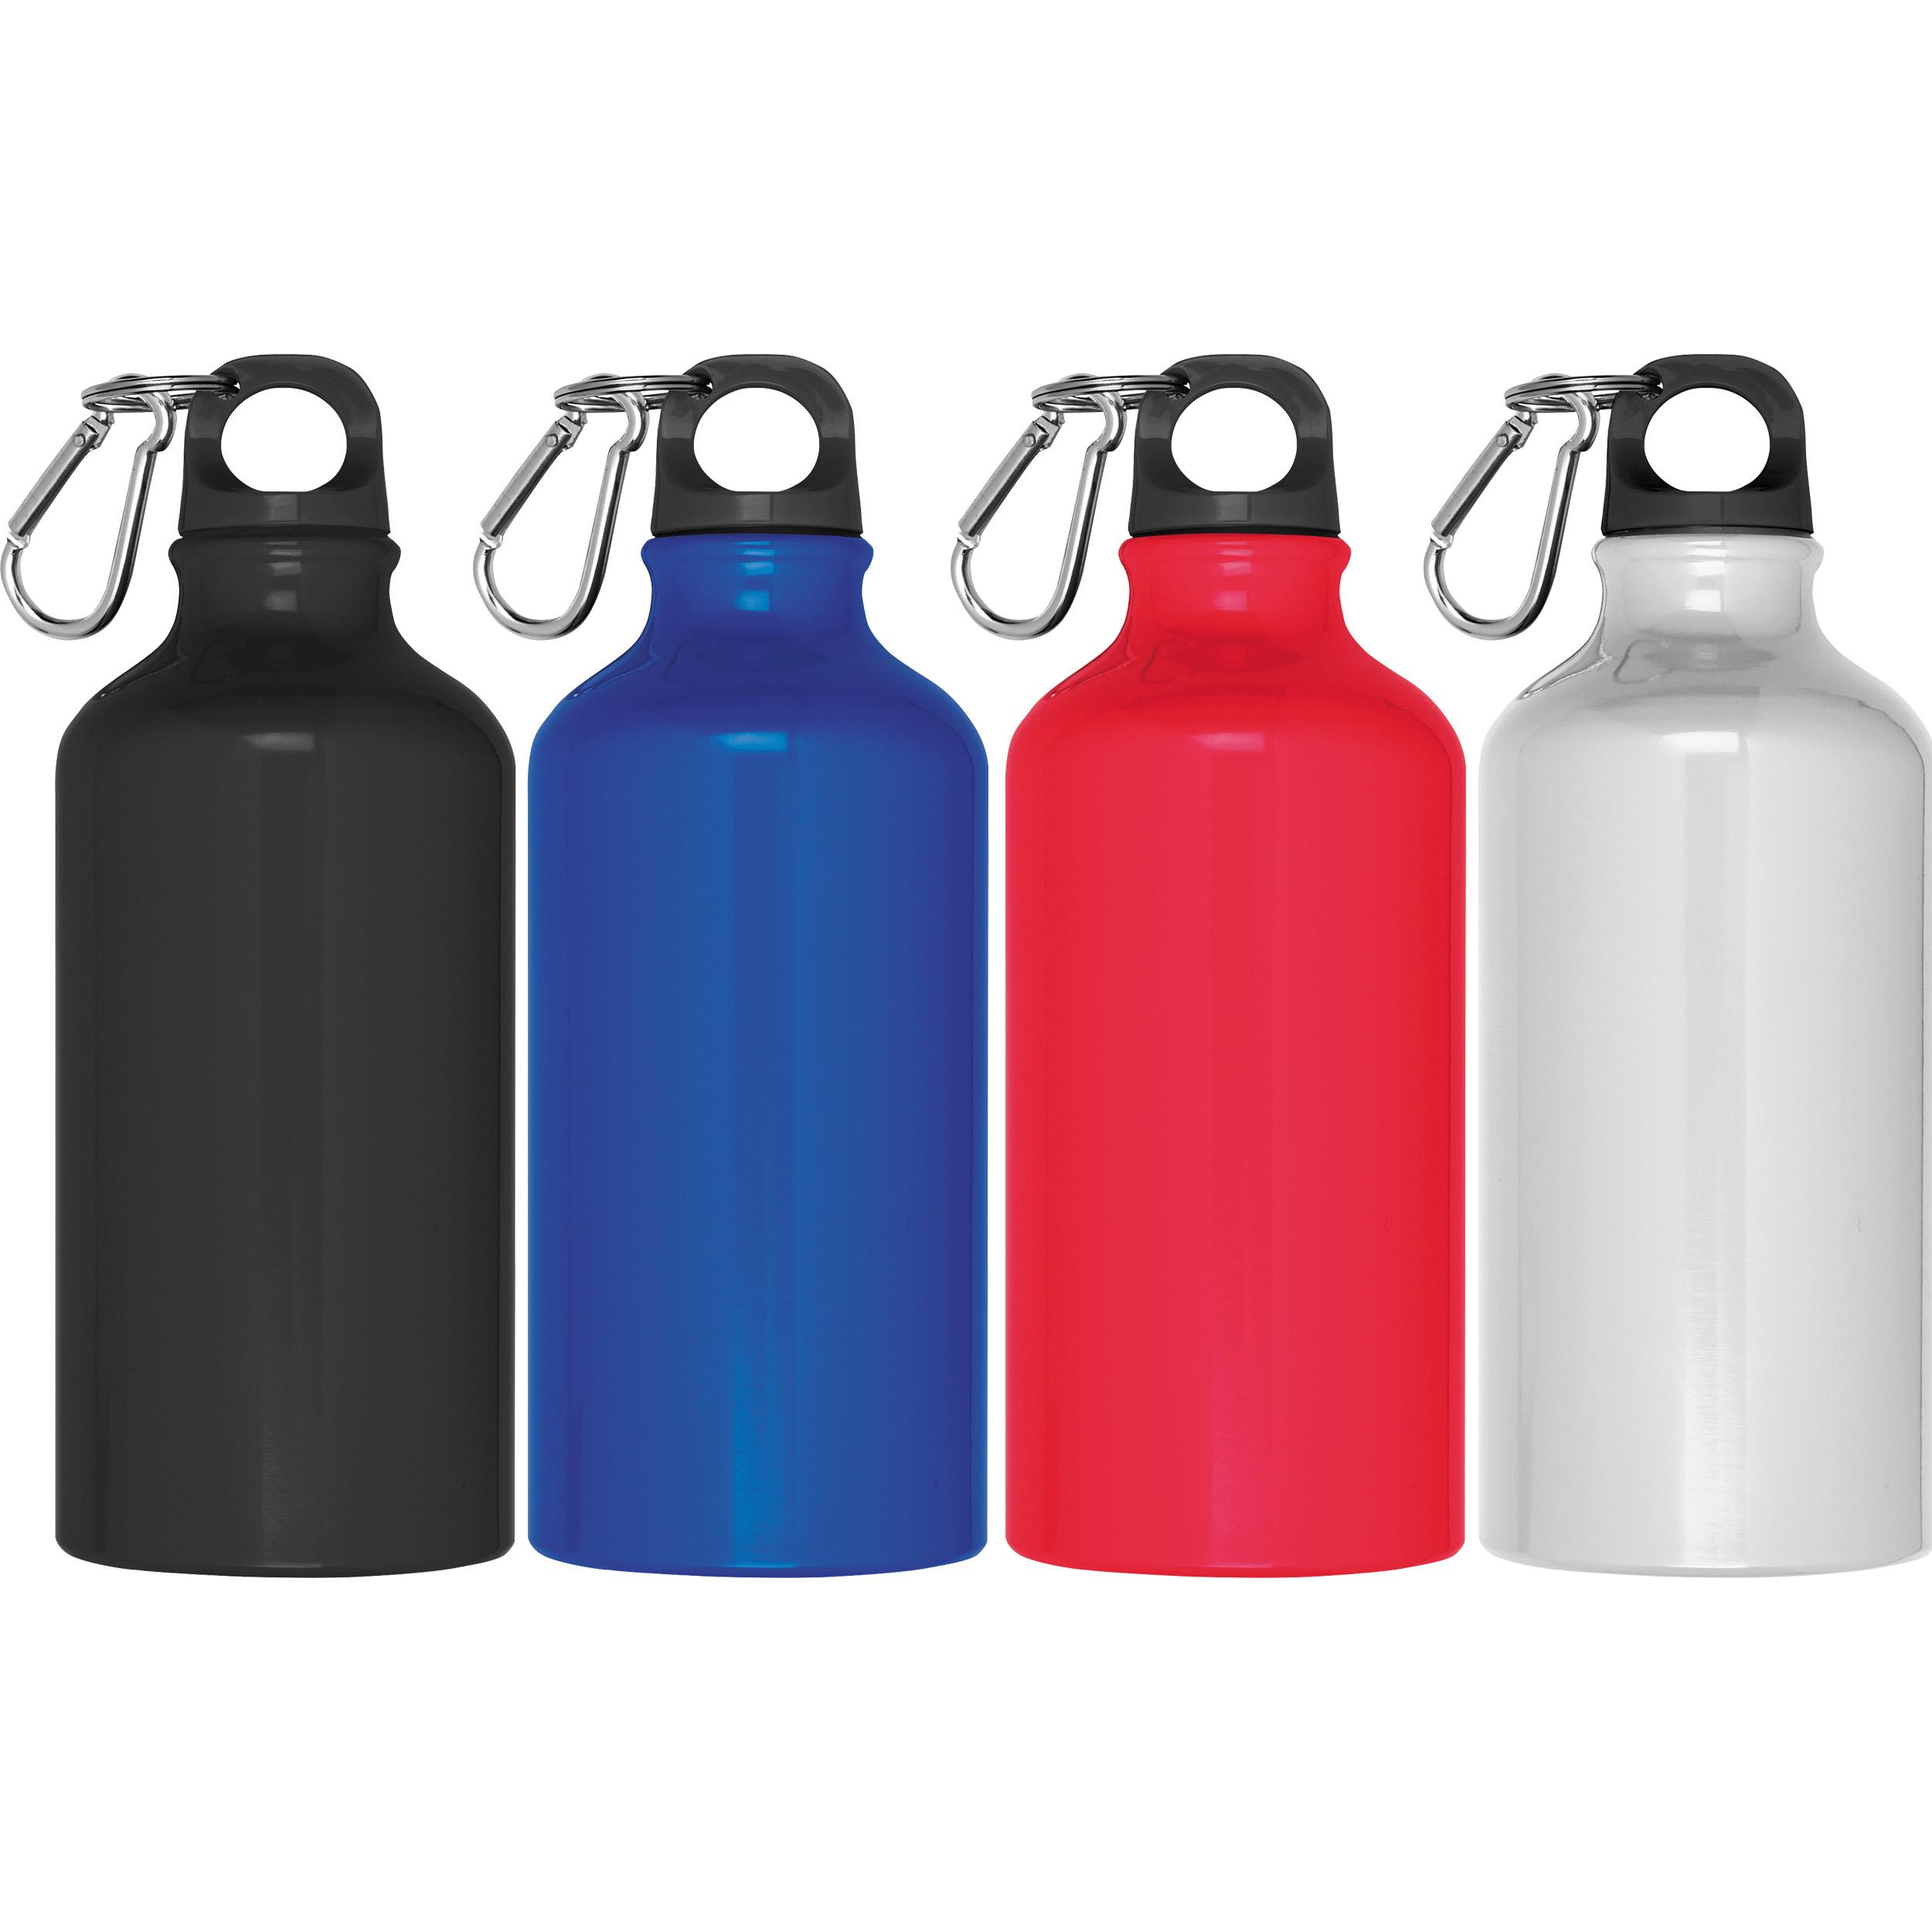 Trinkflasche aus Aluminium mit Karabinerhaken, 500 ml